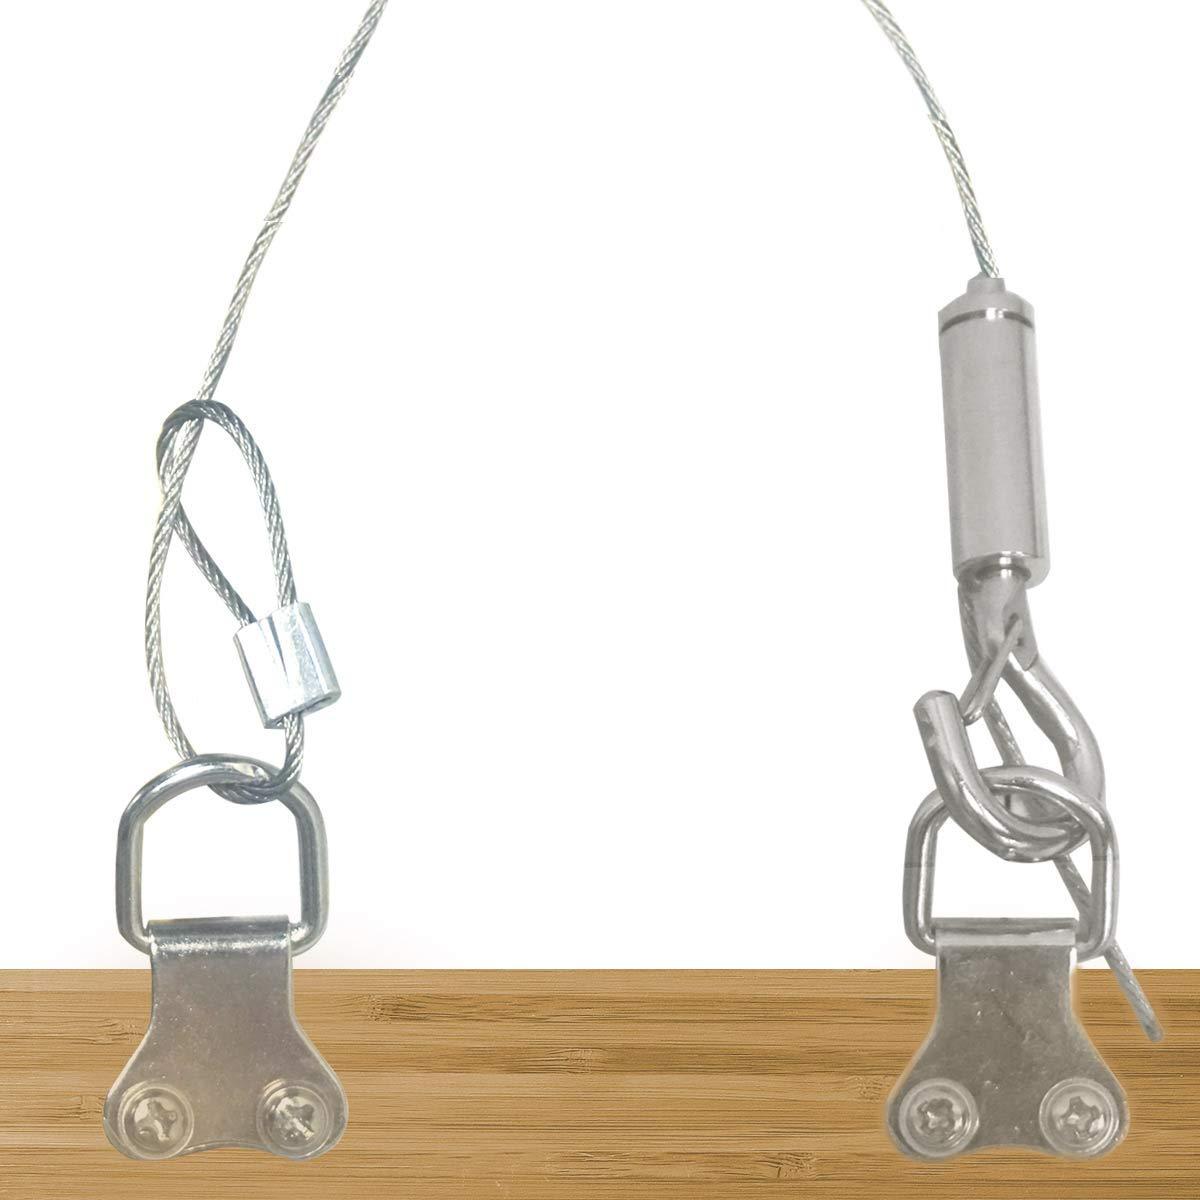 2 St/ück h/ält bis zu 30 kg robust Edelstahl mit Quetschrohr Draht zum Aufh/ängen von Bildern